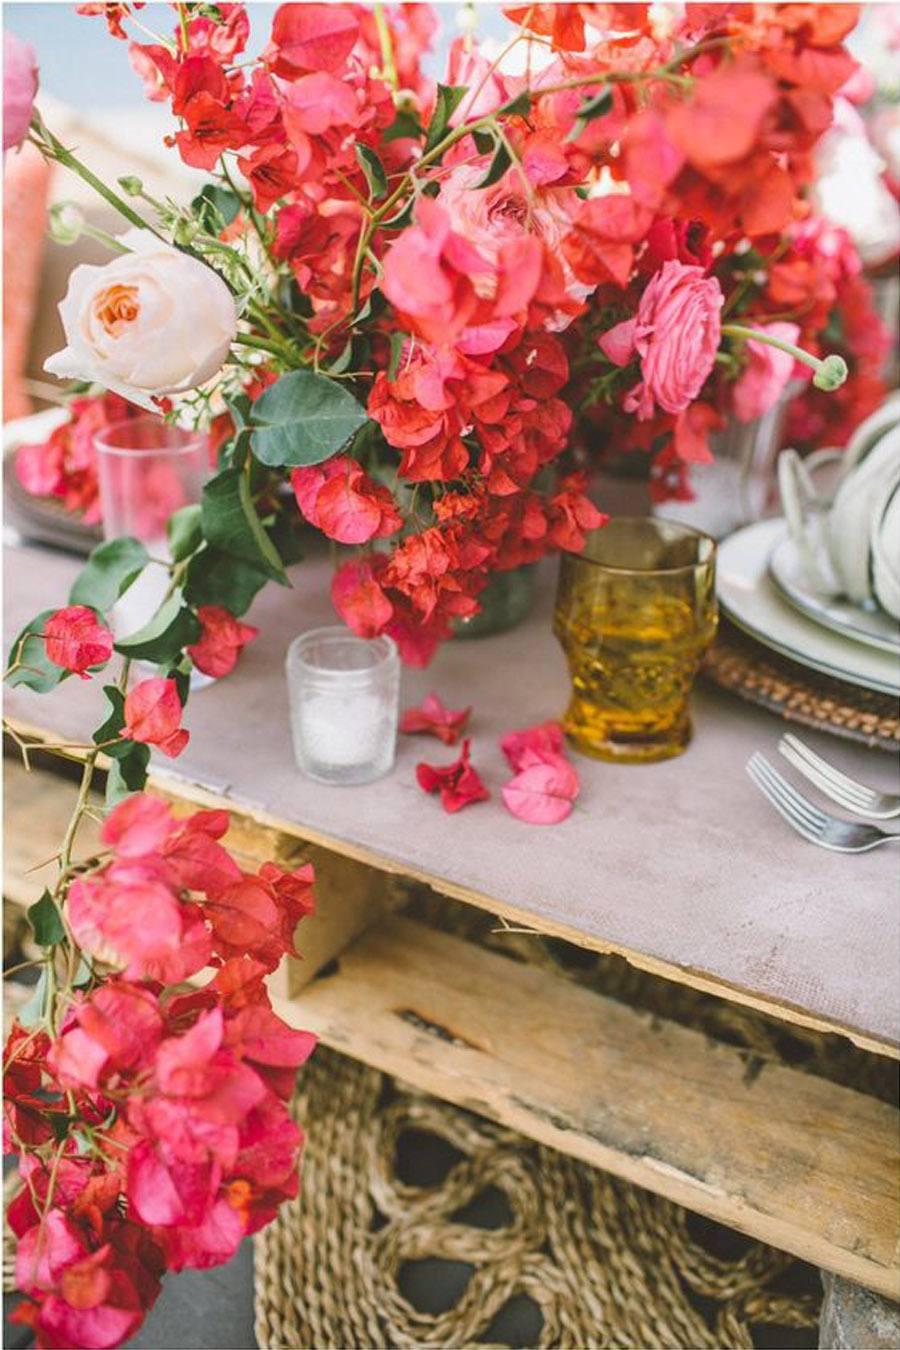 Necesito ideas para decorar mi ceremonia civil! 16